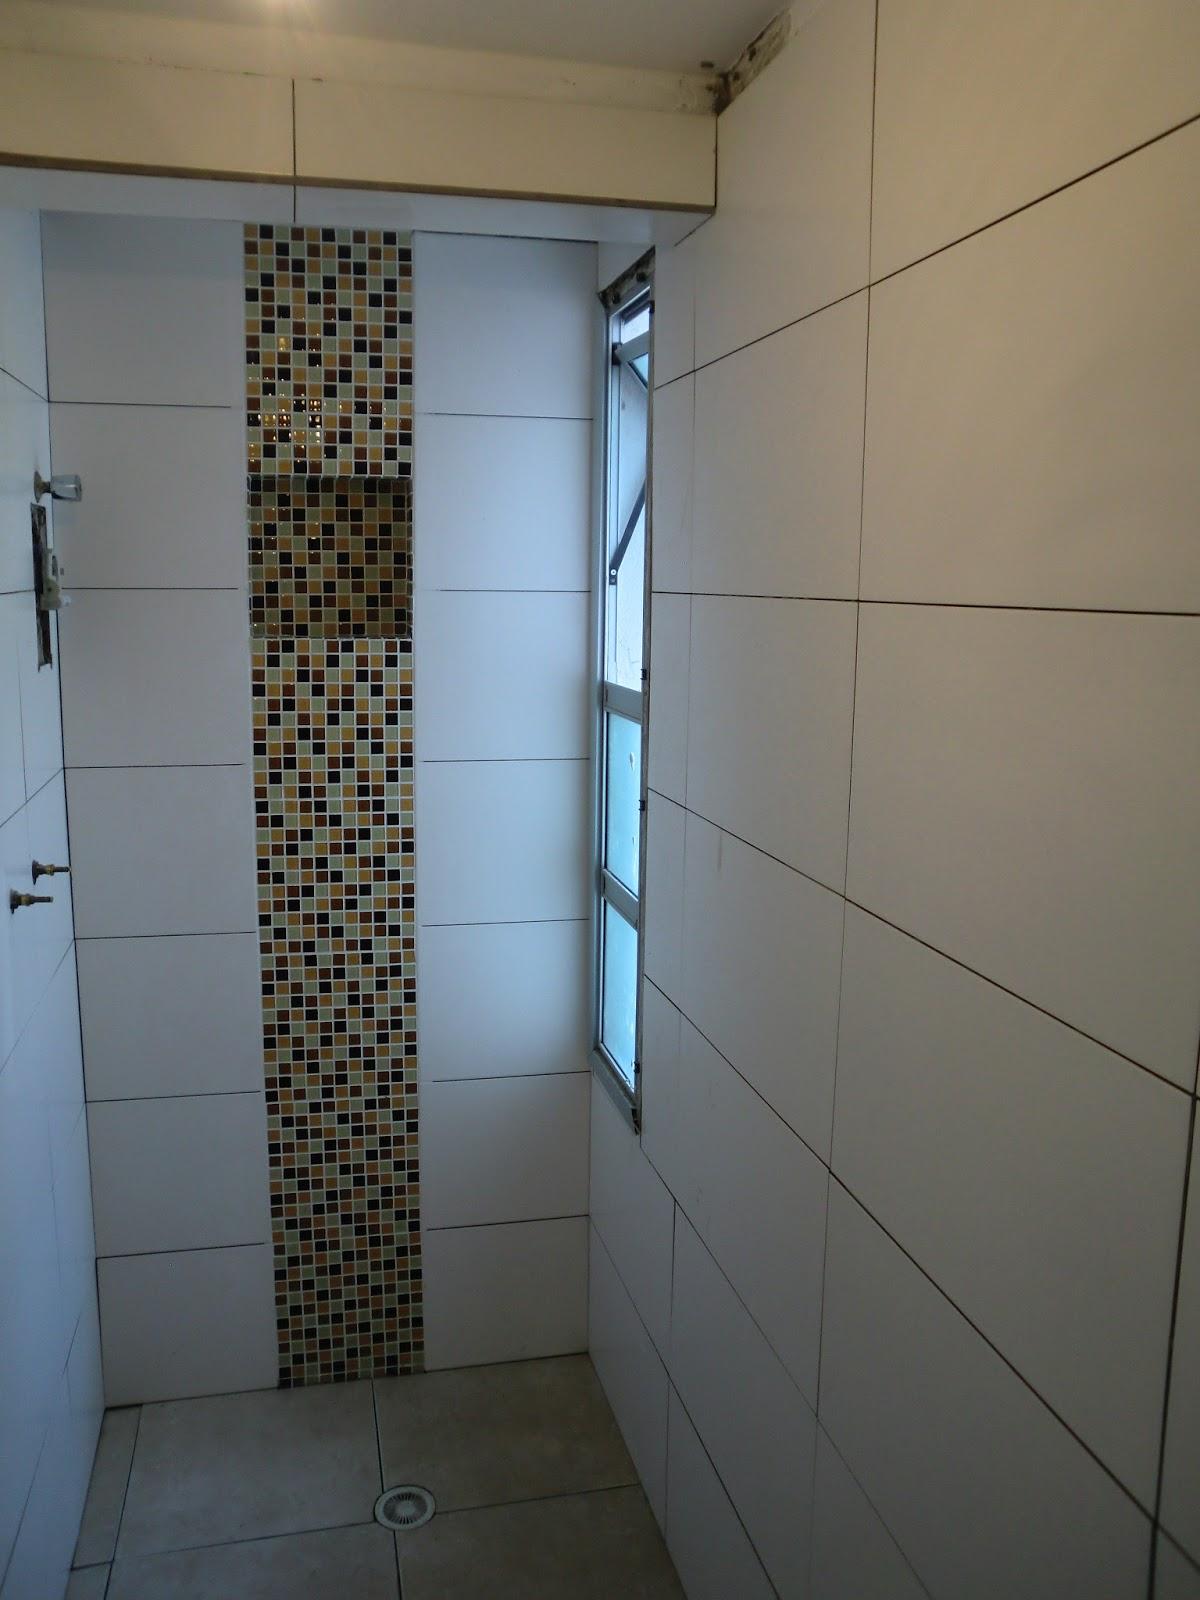 Banheiro pequeno reformado com pastilha rejuntando revestimentos  #0984C2 1200 1600